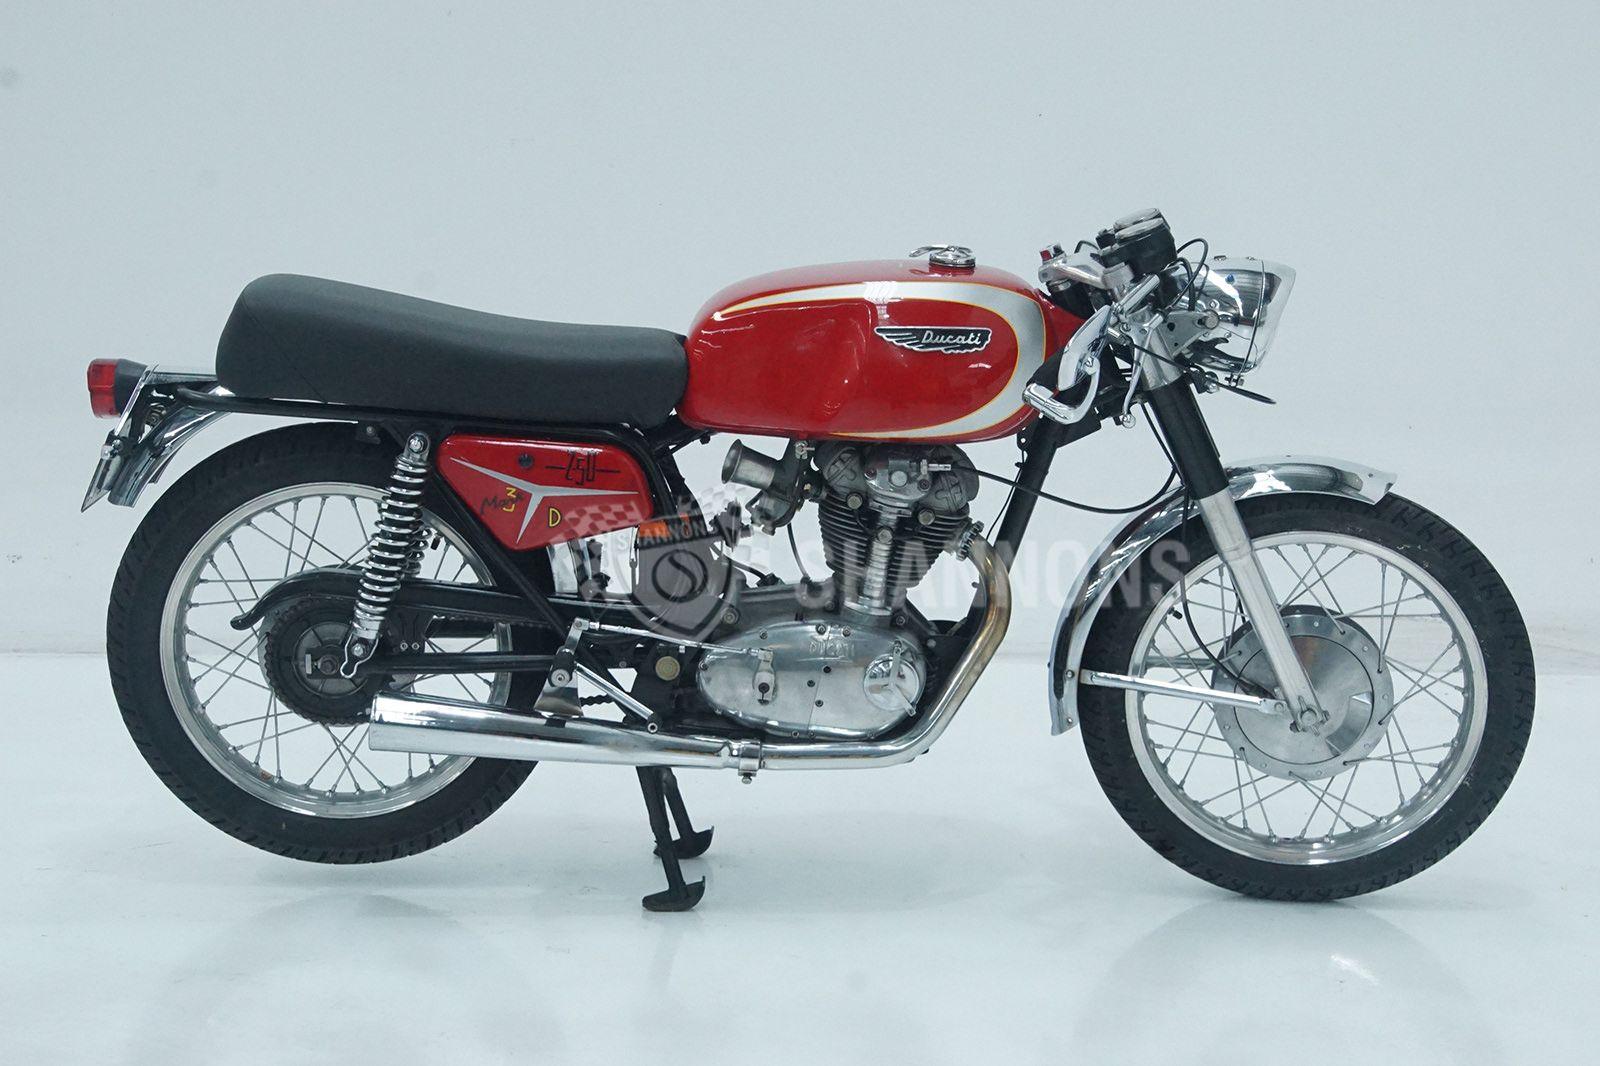 Ducati 250 MKIII Motorcycle